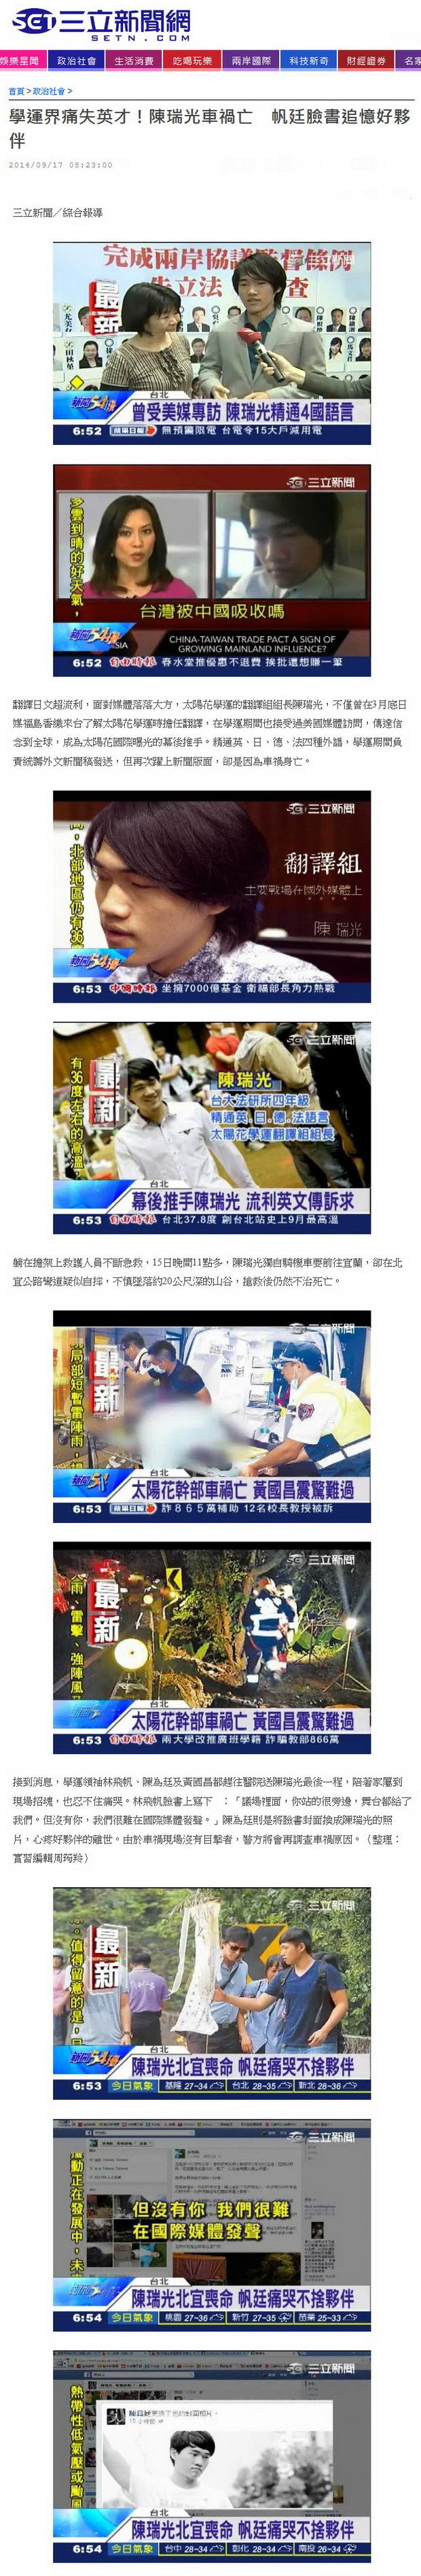 學運界痛失英才!陳瑞光車禍亡 帆廷臉書追憶好夥伴-2014.09.17.jpg